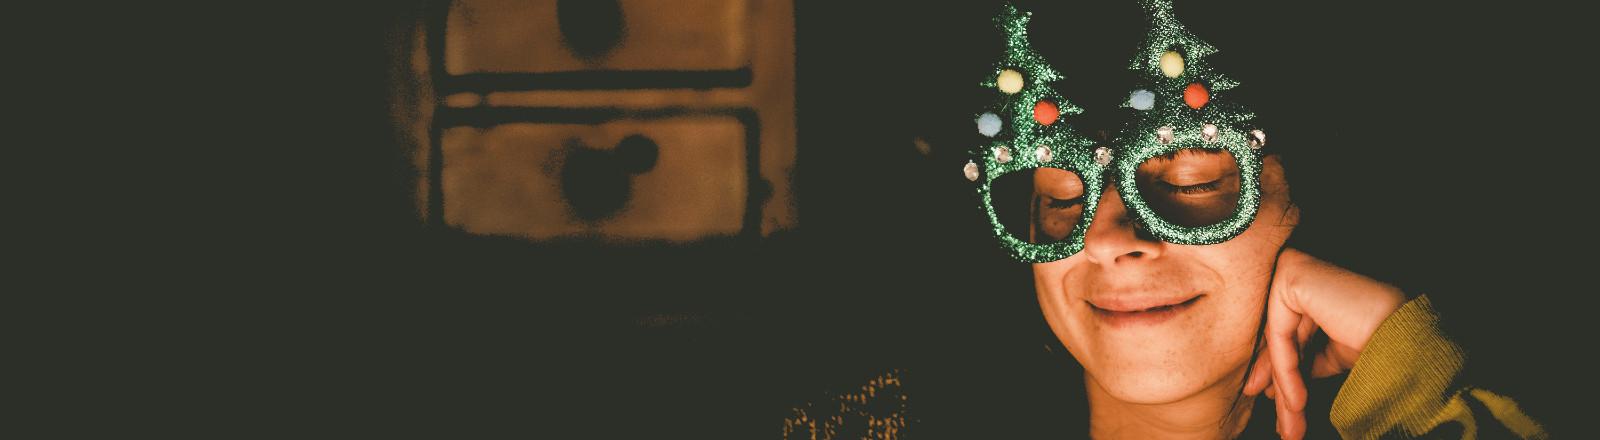 Frau feiert entspannt Weihnachten mit einer lustigen Weihnachtsbrille.